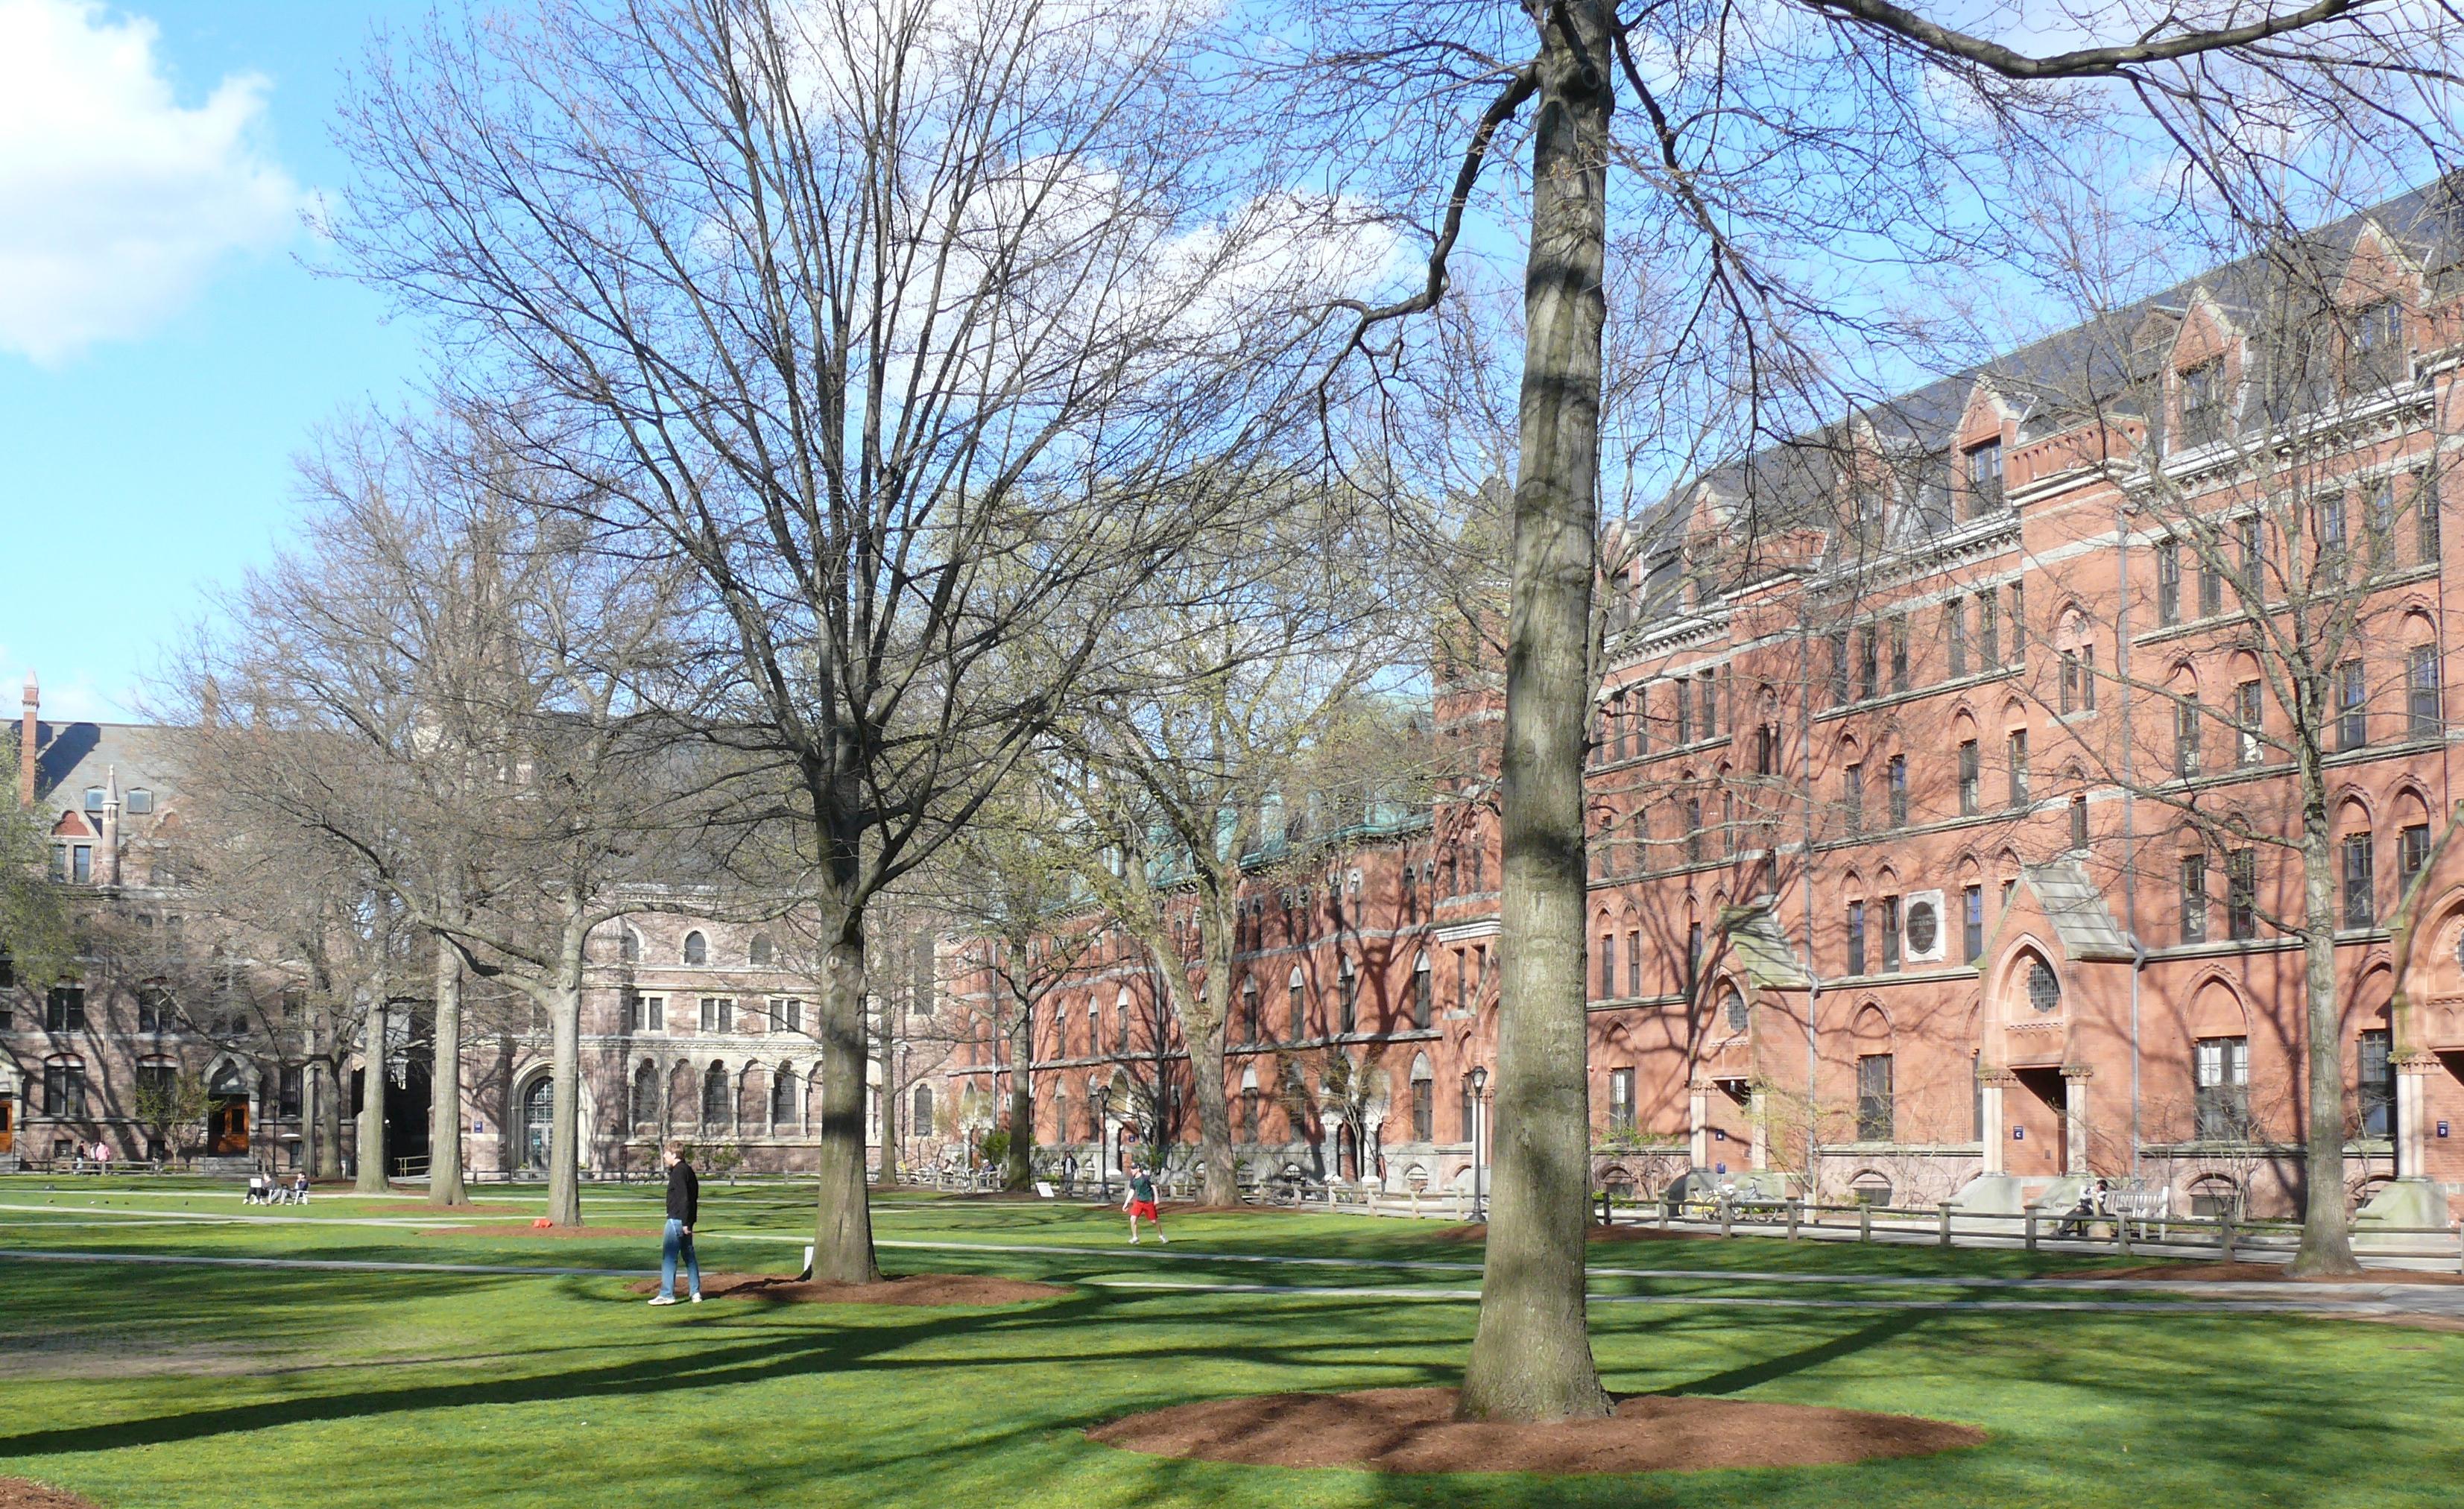 Yale University Old Campus